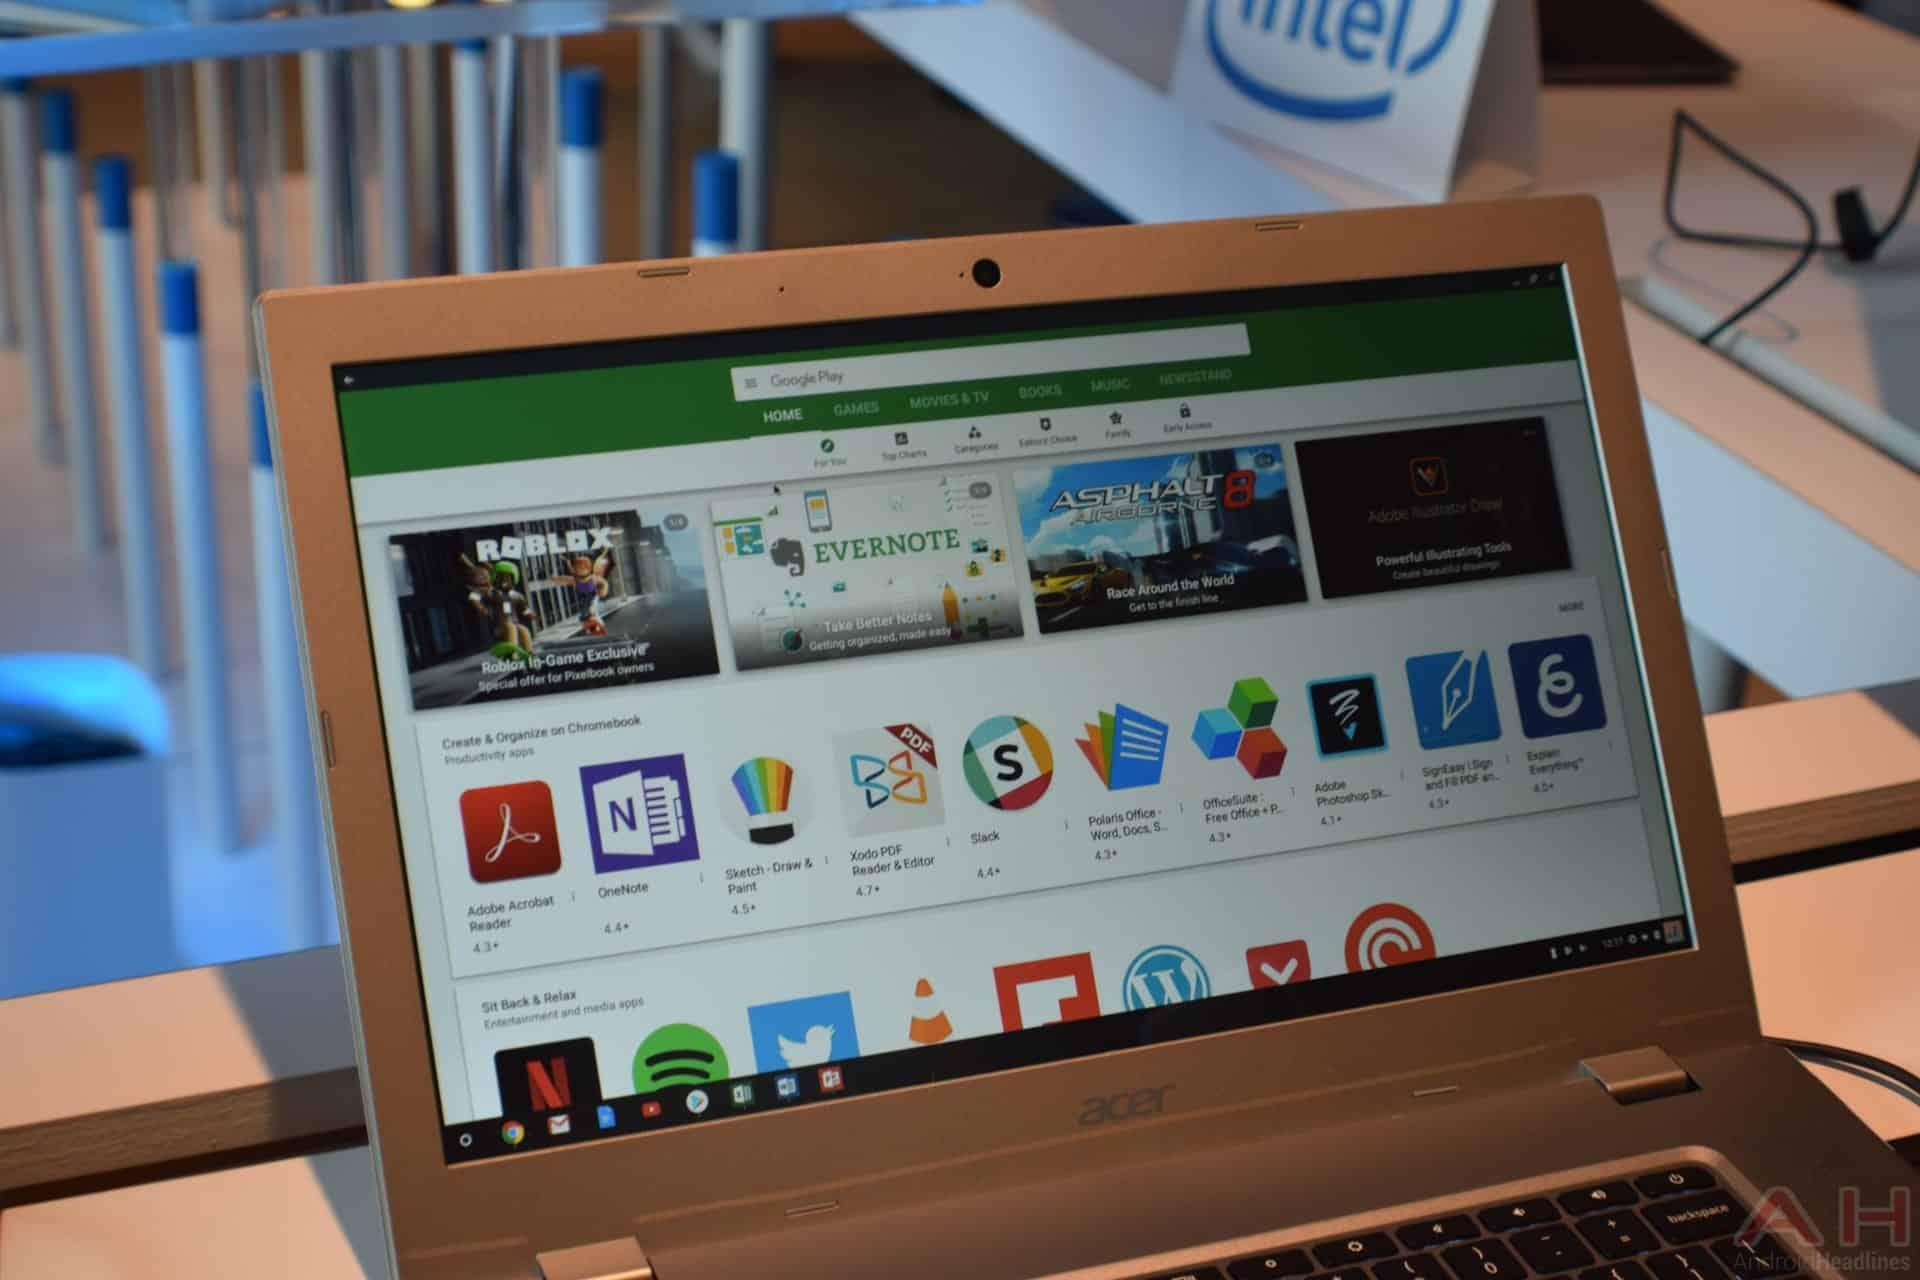 Acer Chromebook 15 AM AH 4